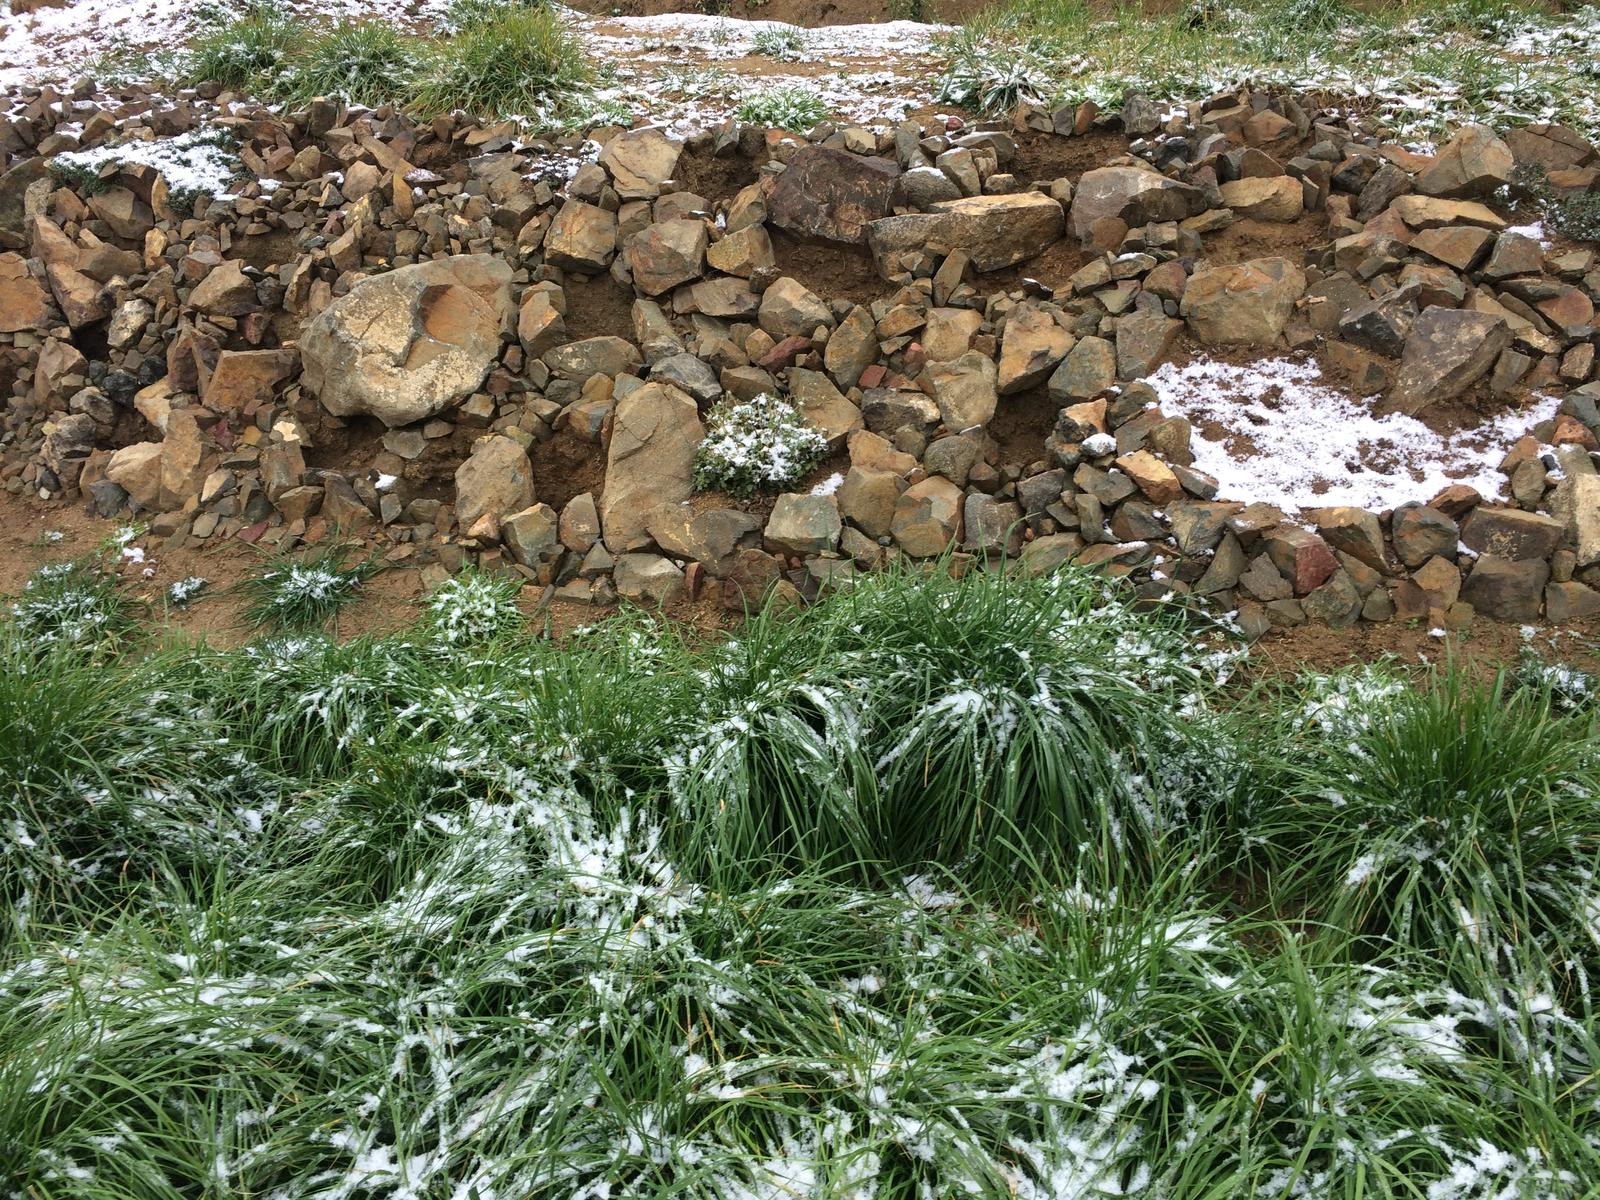 Fáze druhá ... zahrada - Listopad 2017 - první poprašek sněhu